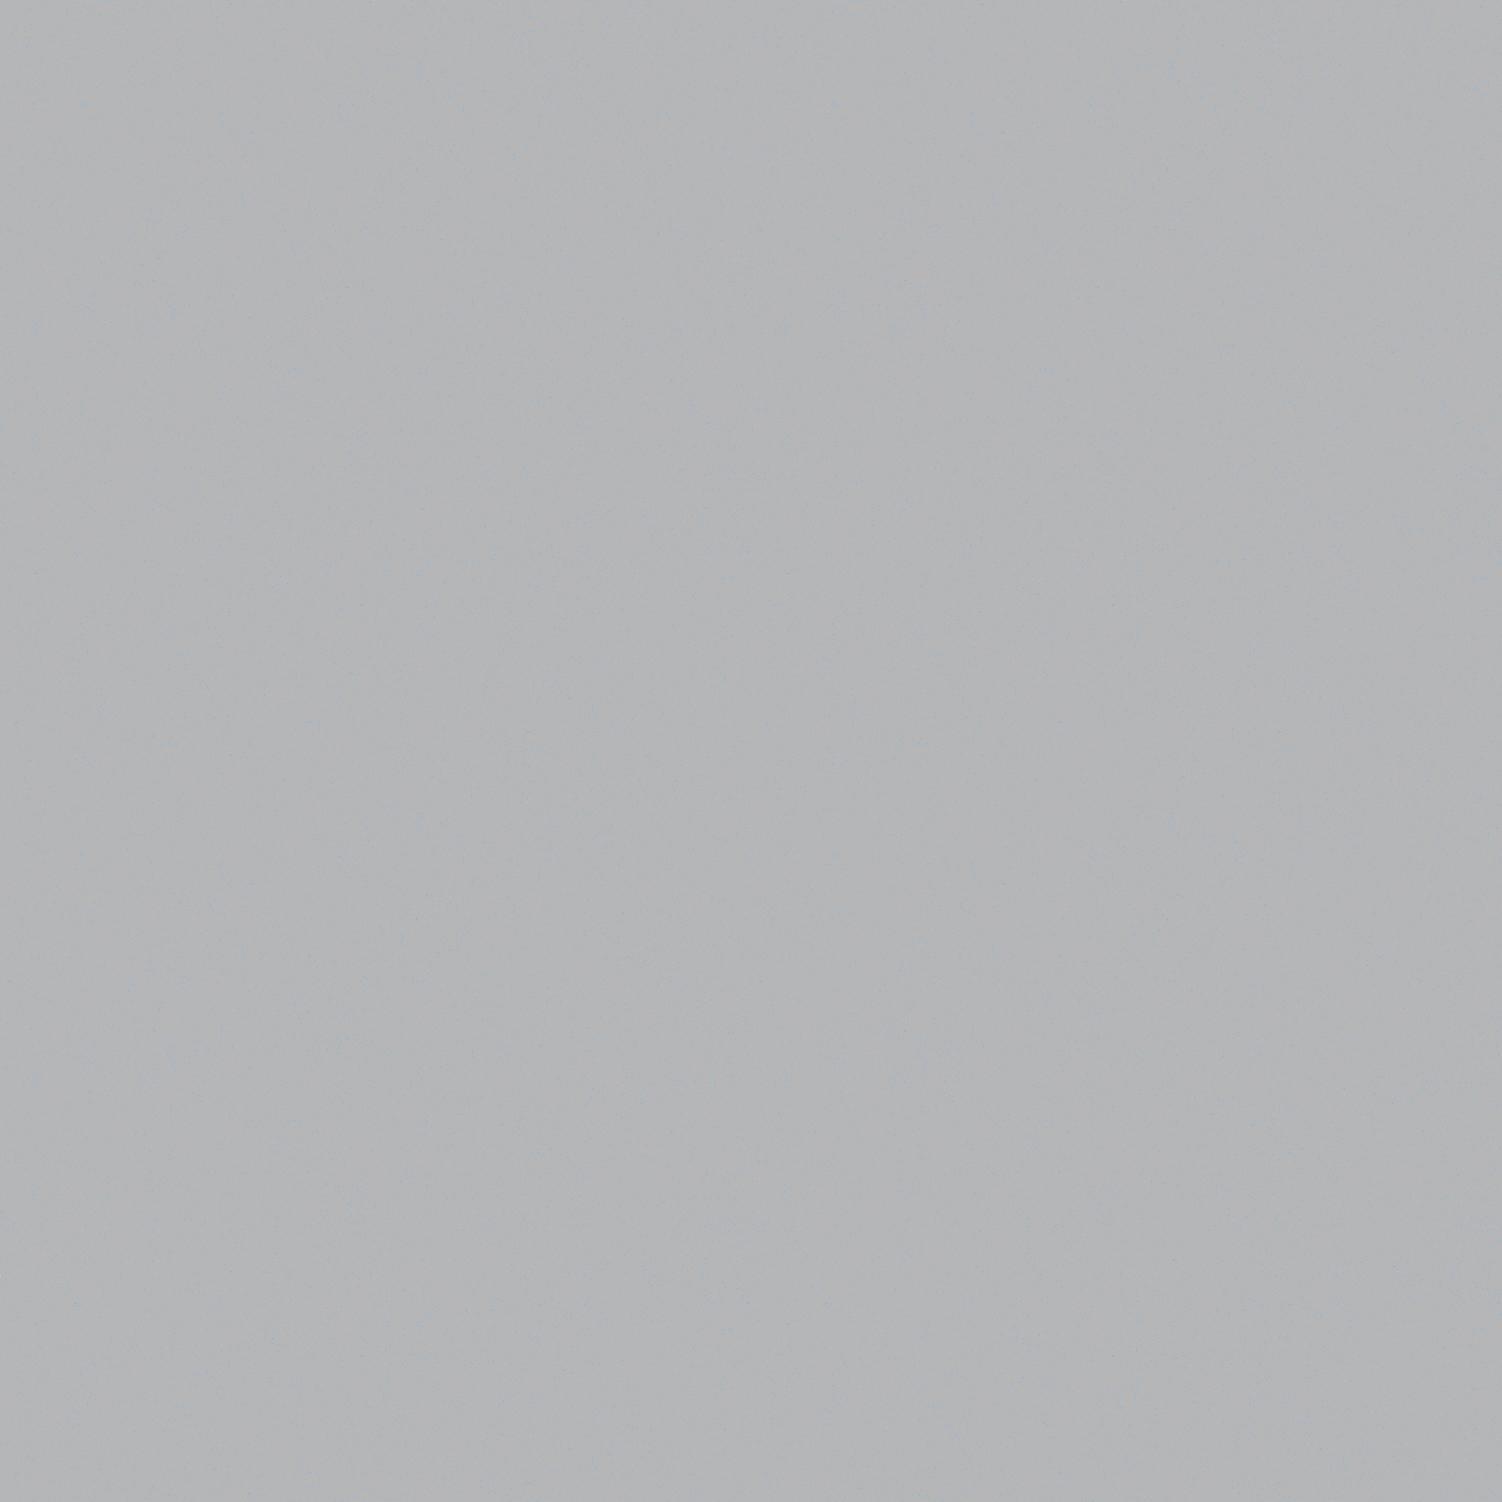 Dětské tapety Disney Deco 3010-3 | 10,05 x 0,53 m (Jednobarevná tapeta - papírová)